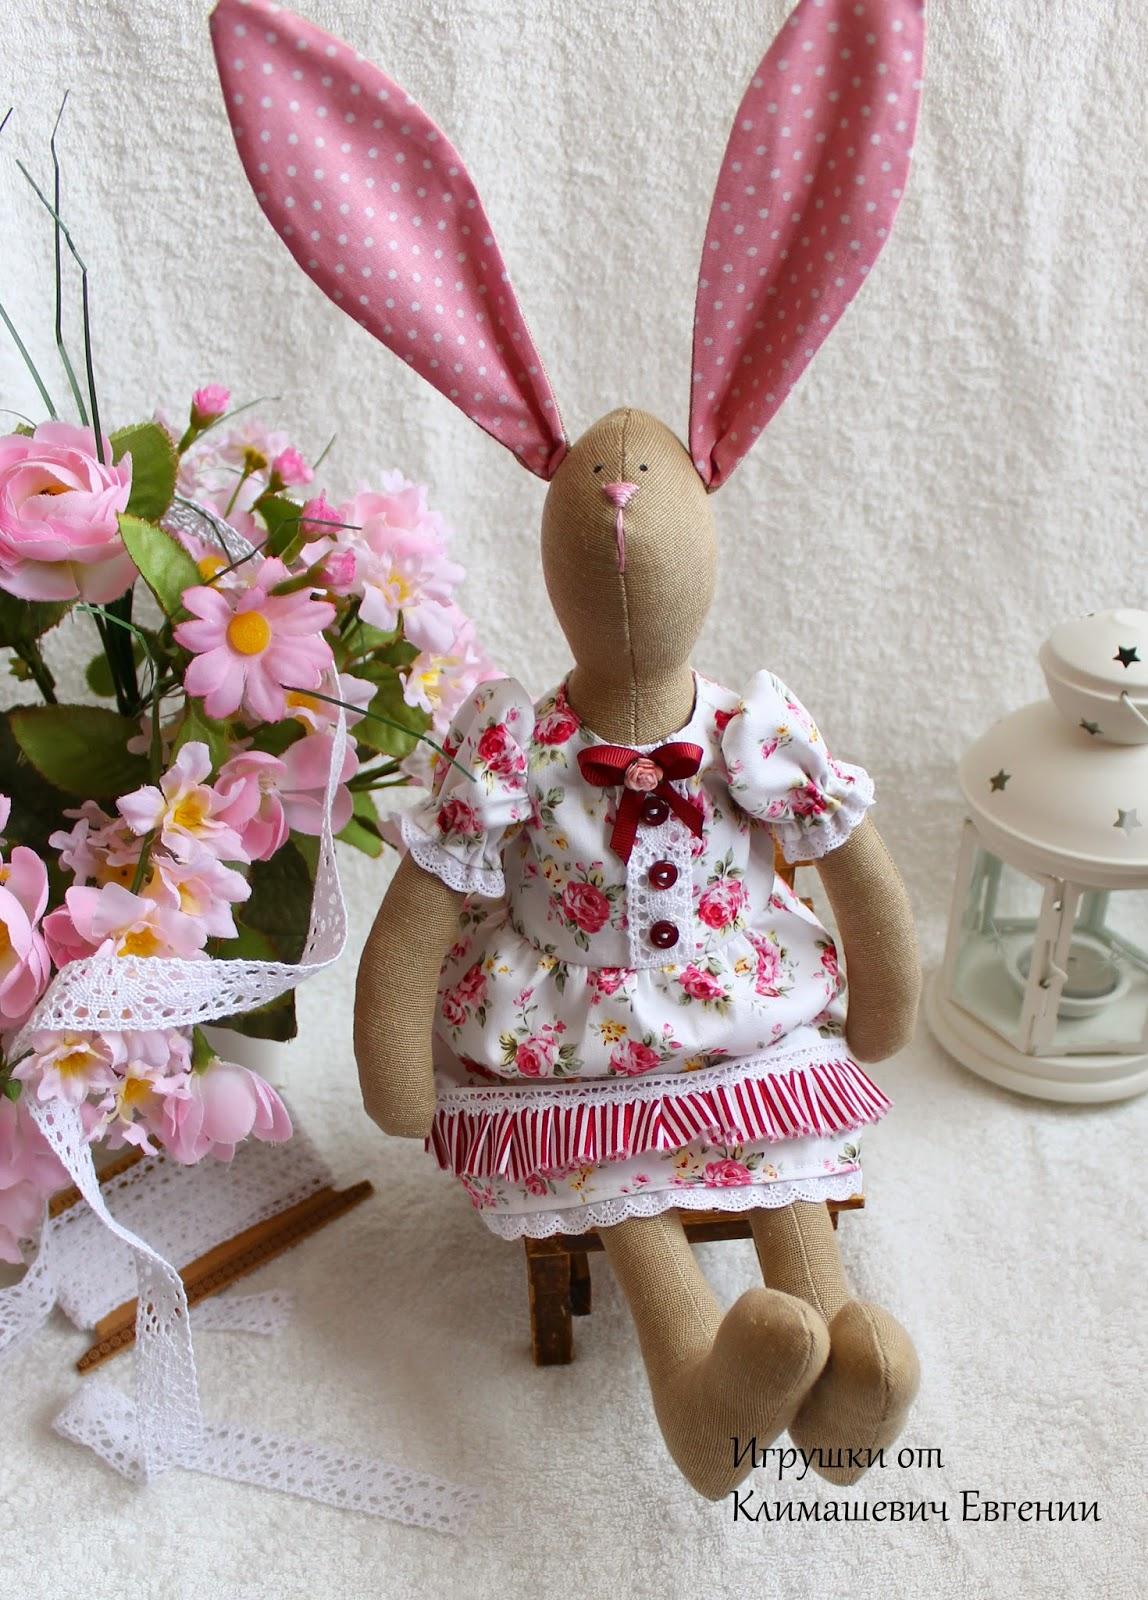 Заяй, зайчик, зайчики, тильда, тильда зайчик, тильда заяц, игрушка, игрушка заяц, игрушка зайчик, купить игрушку, игрушки своими руками, зая, зайка